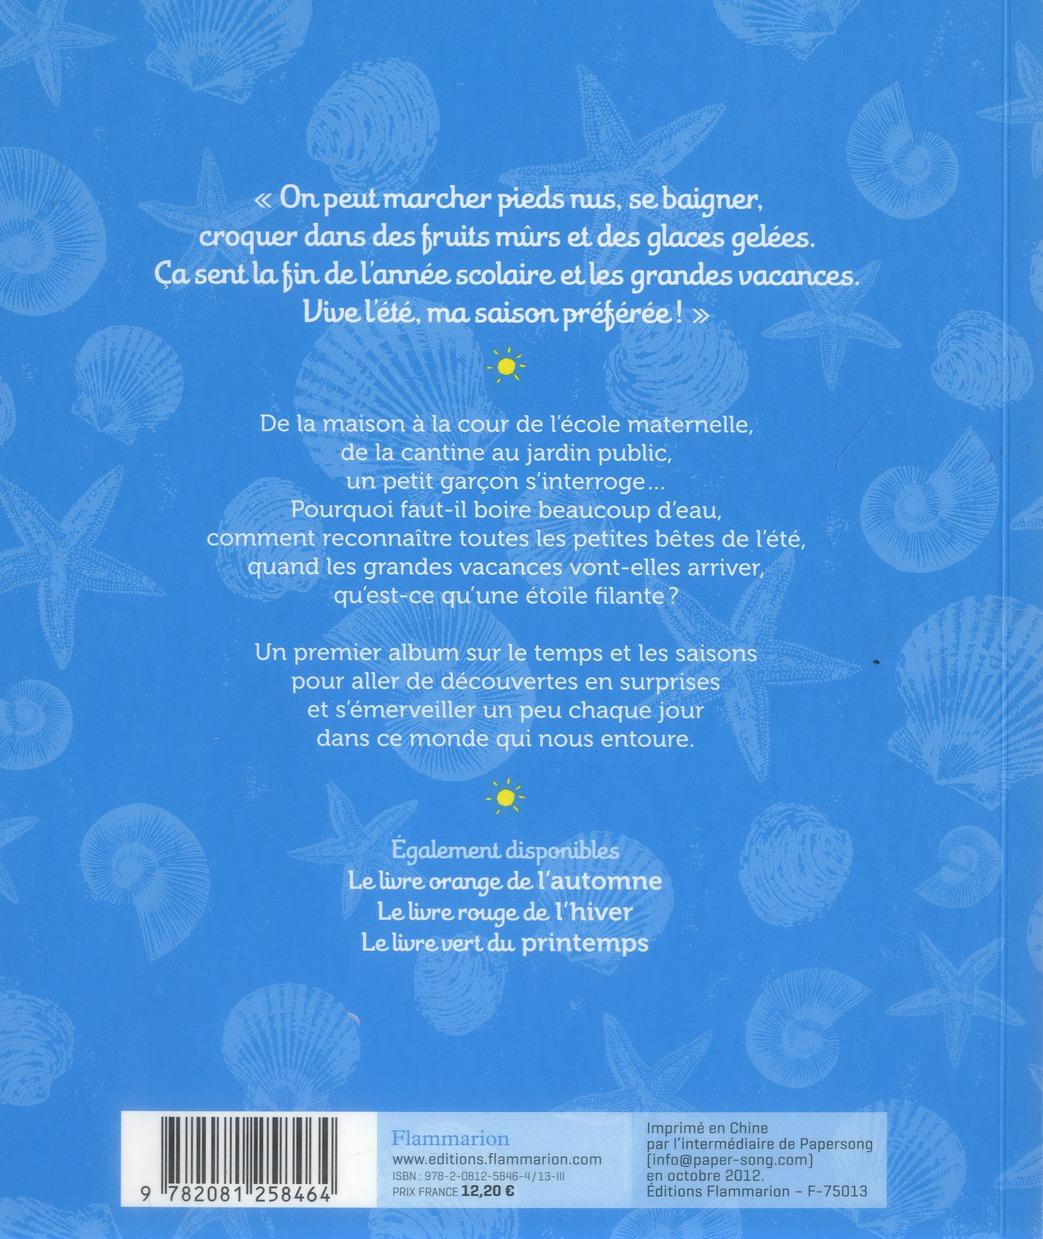 Le livre bleu de l'été